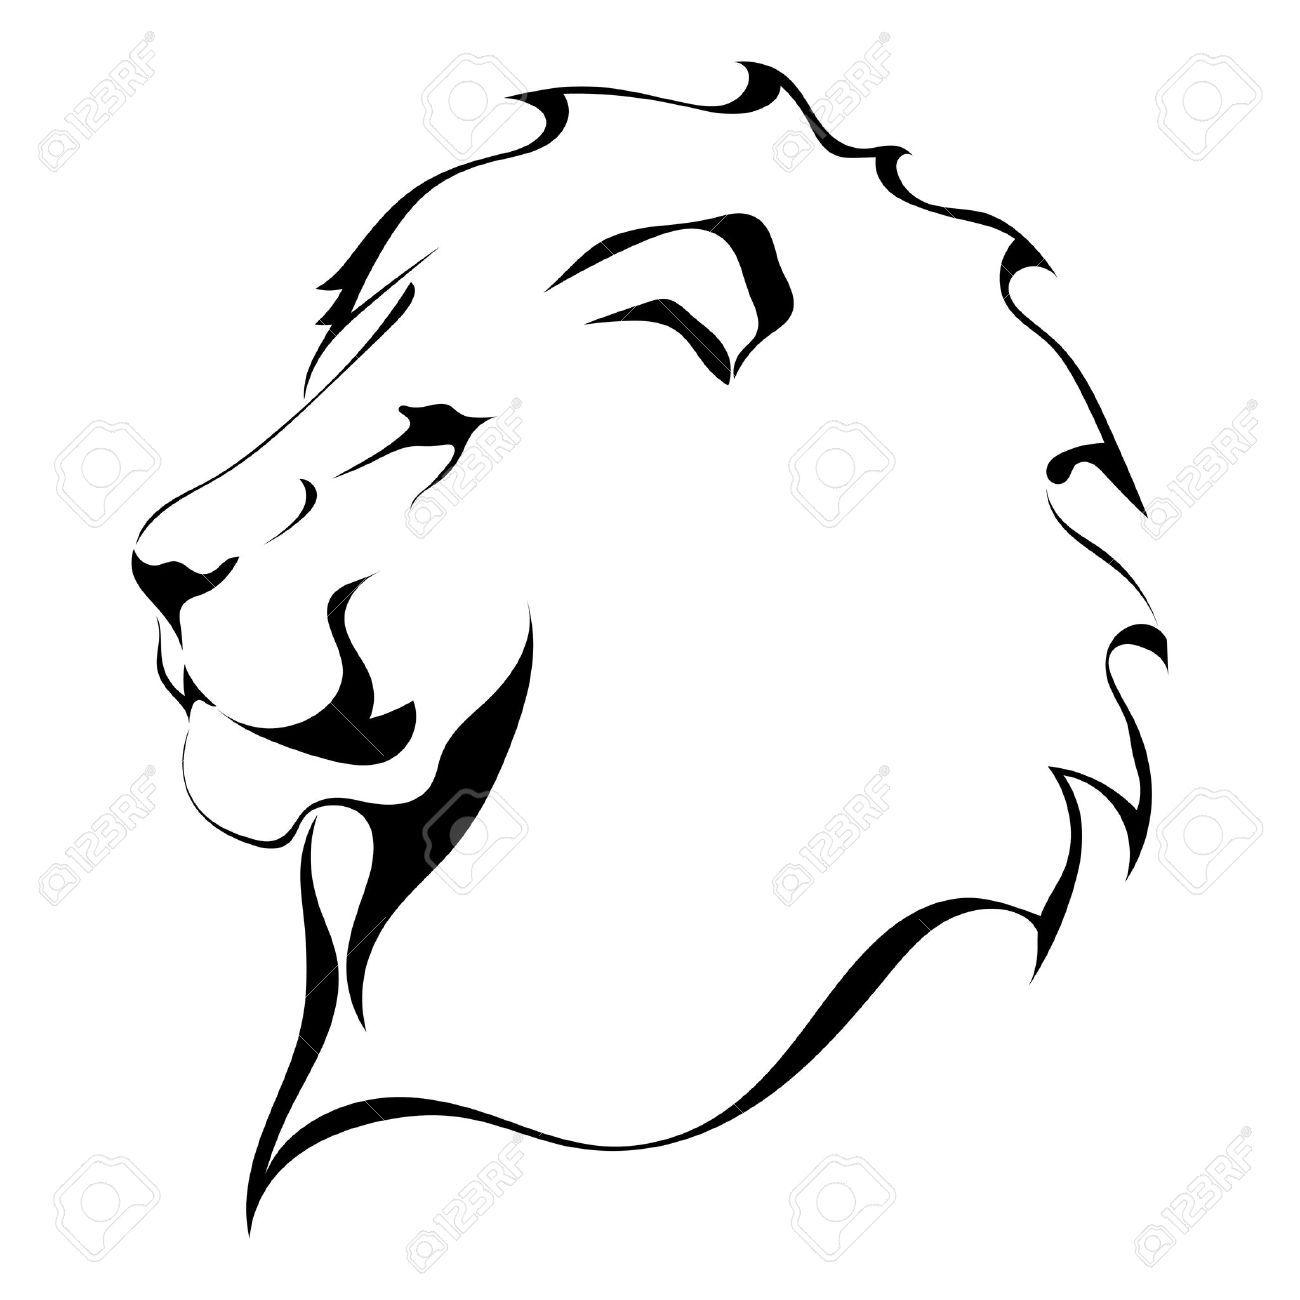 Simple lion head clipart - photo#18